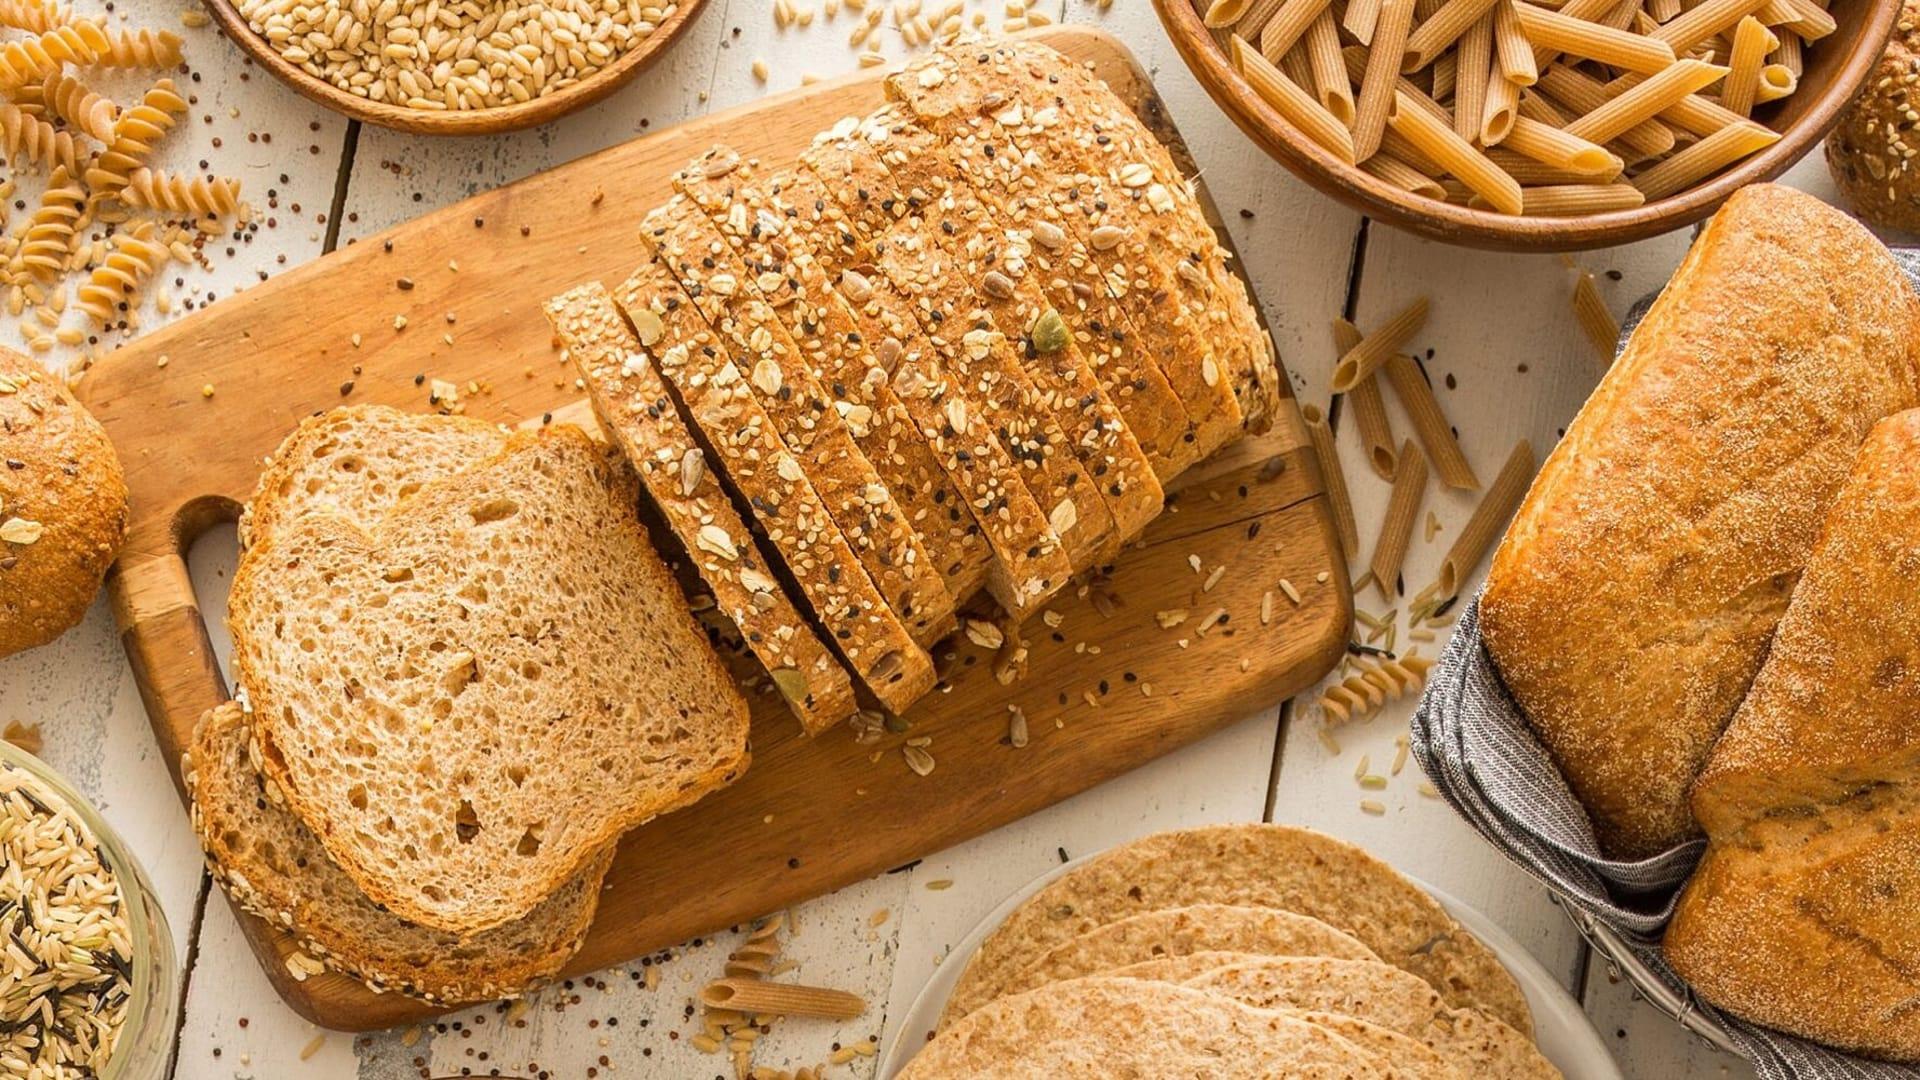 الحبوب الكاملة  تساعدعلى التحكم في الوزن وخفض ضغط الدم